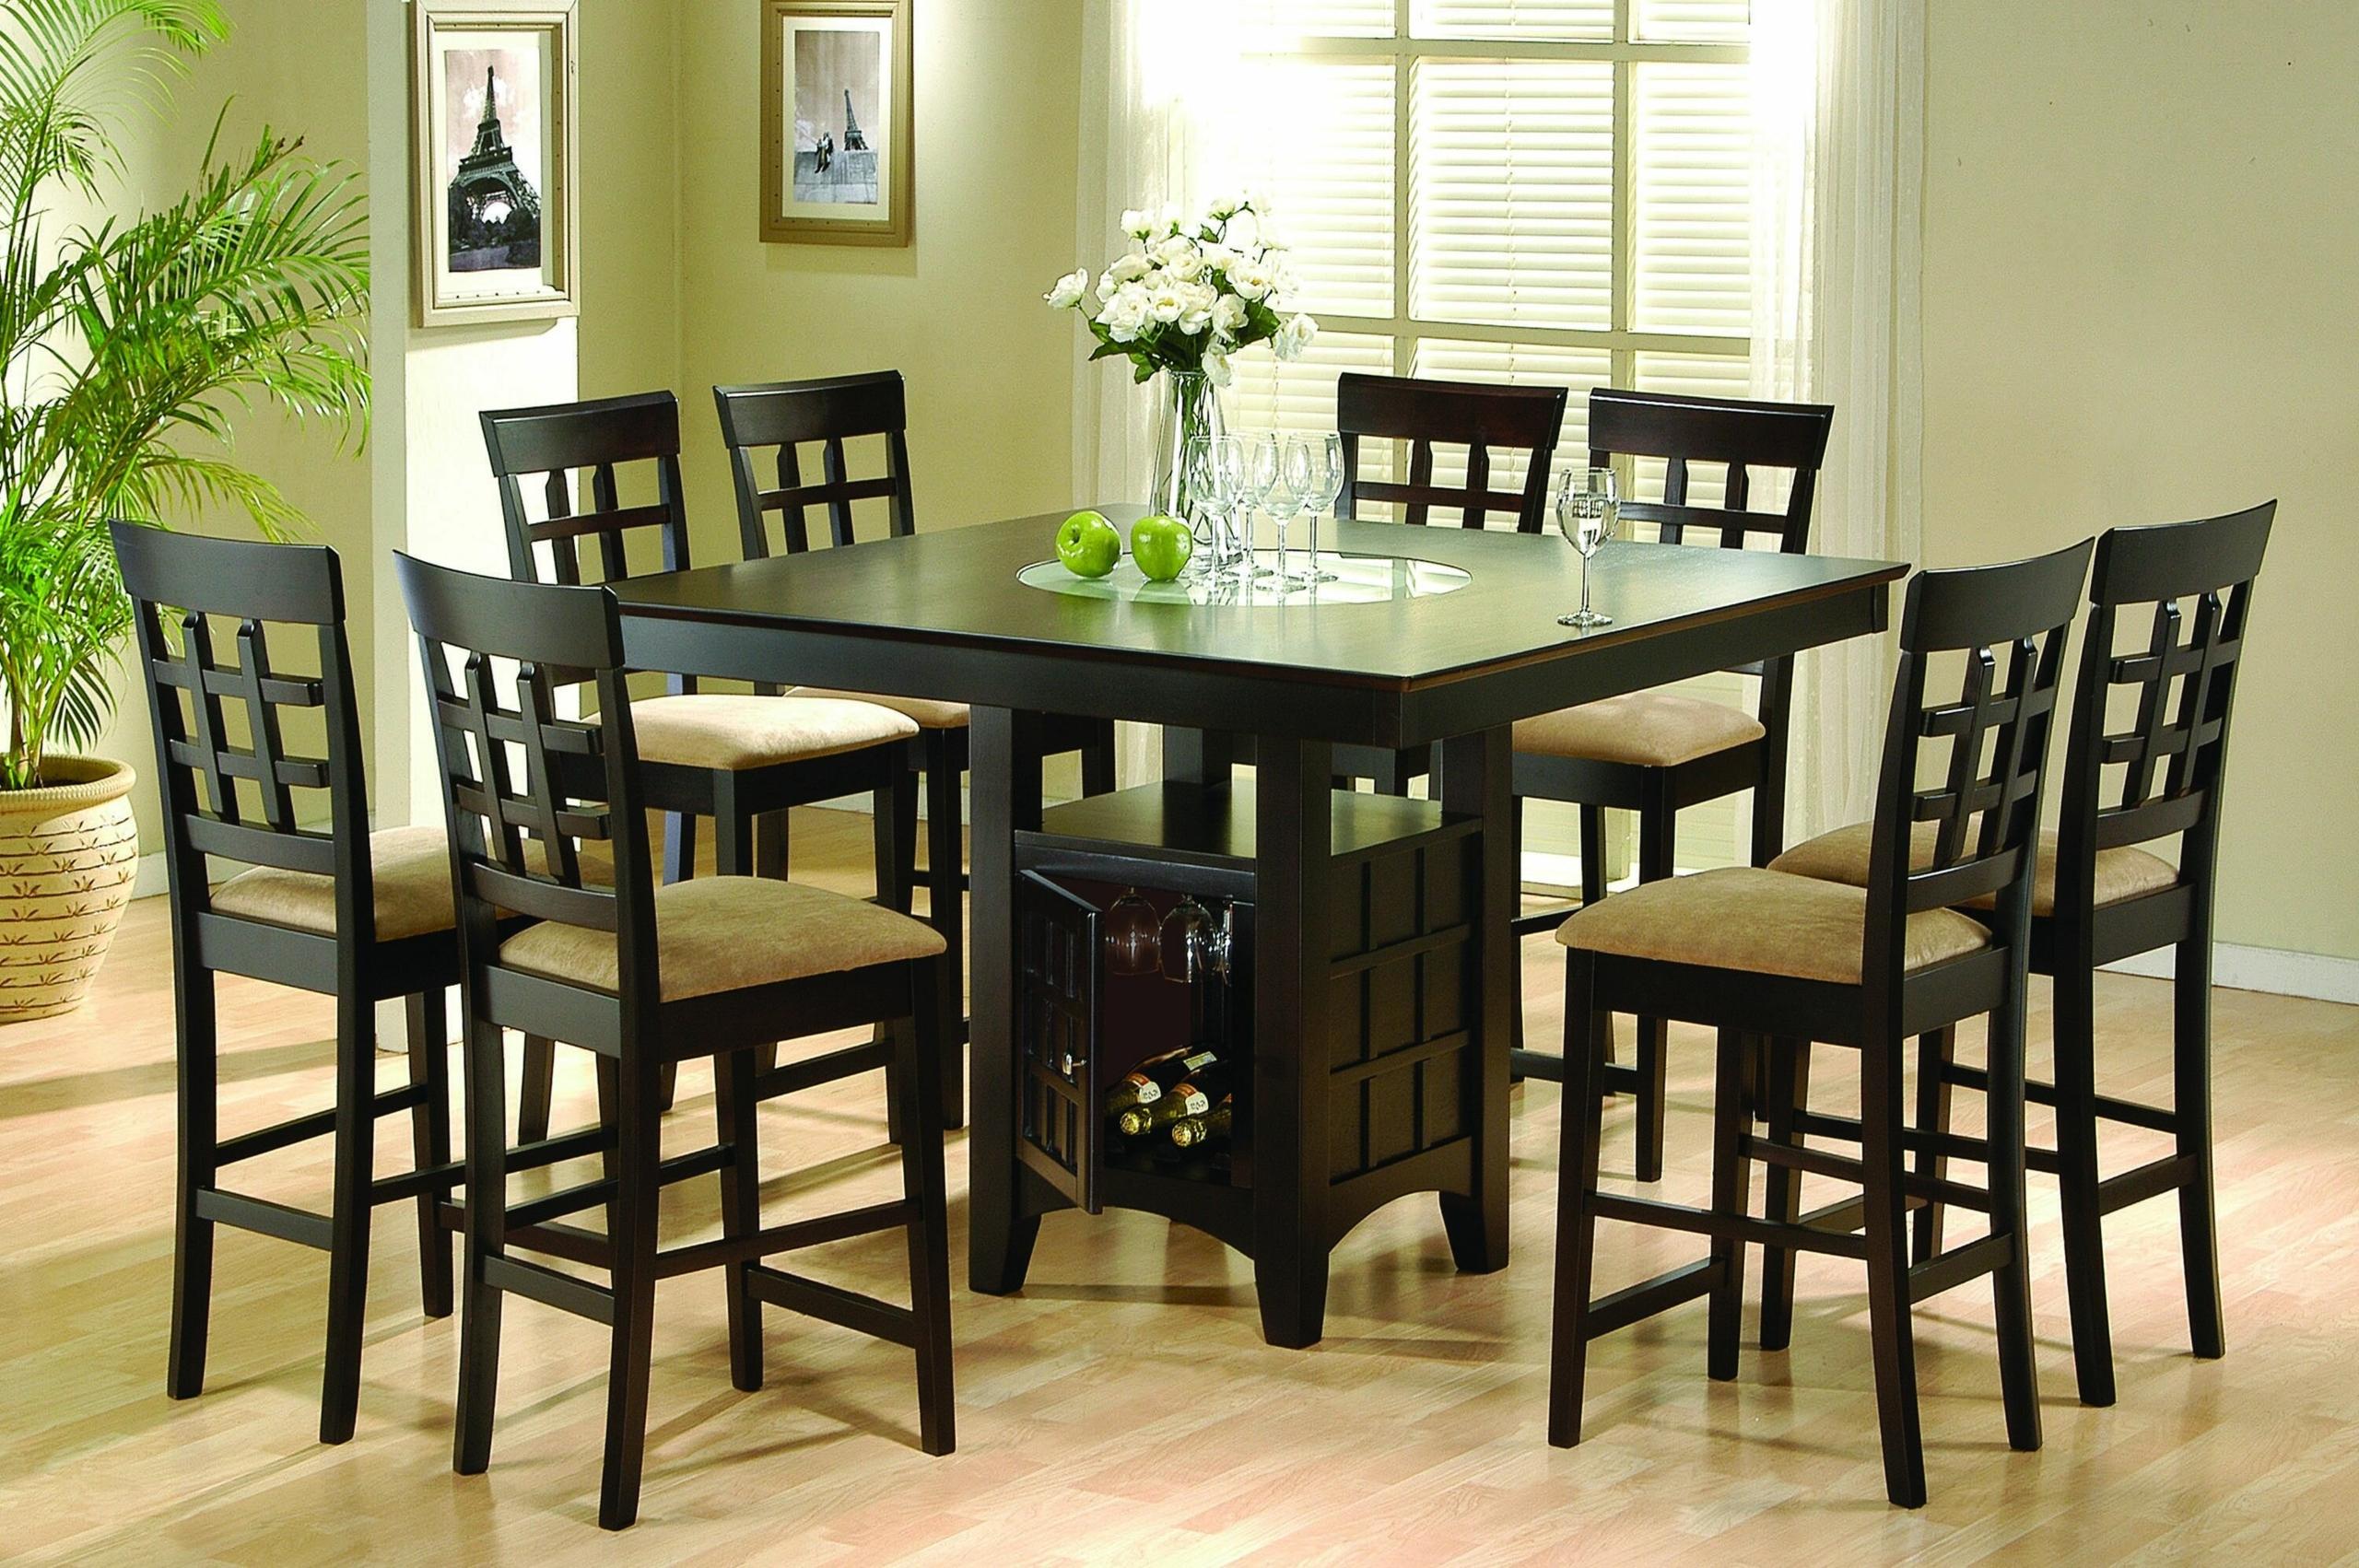 Bar Style Dining Tables As Hnr Totaalafbouw Nl